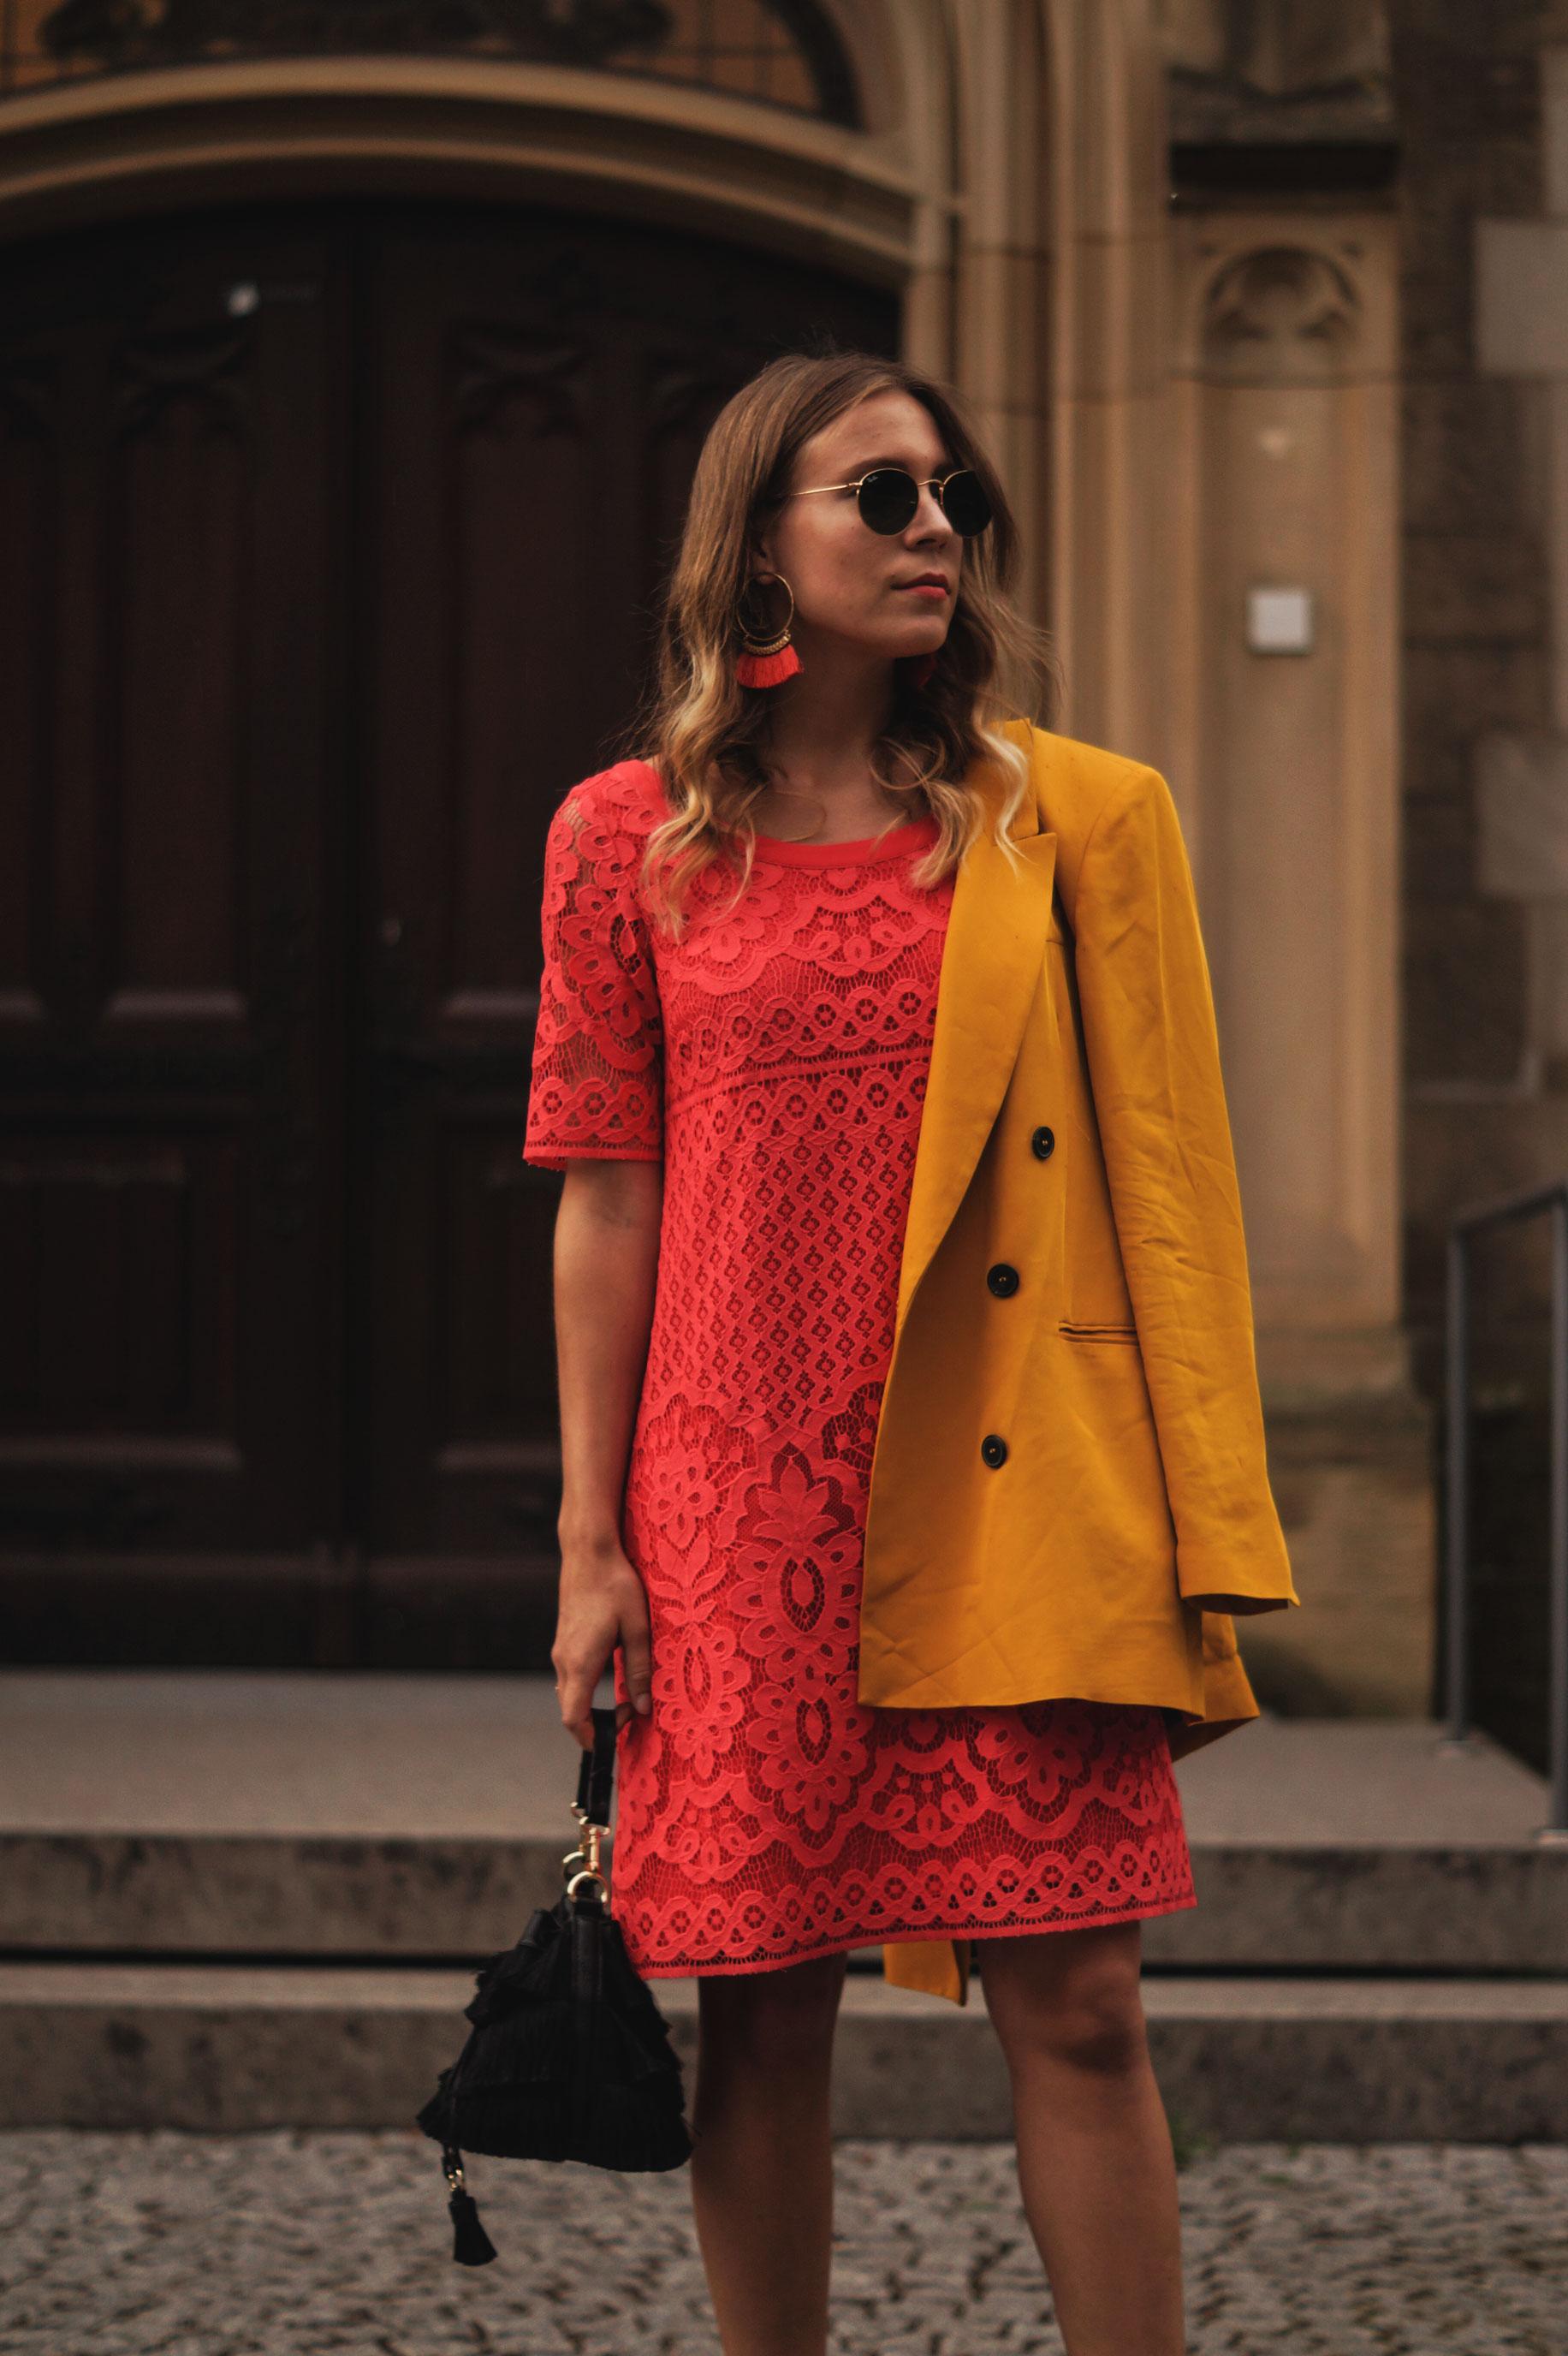 Modeblog Sariety Riani Dress Fashion Week Berlin Spitzenkleid gelber Blazer yellow Jacket Fiesta Rianista Color Blocking Fashionblogger_2